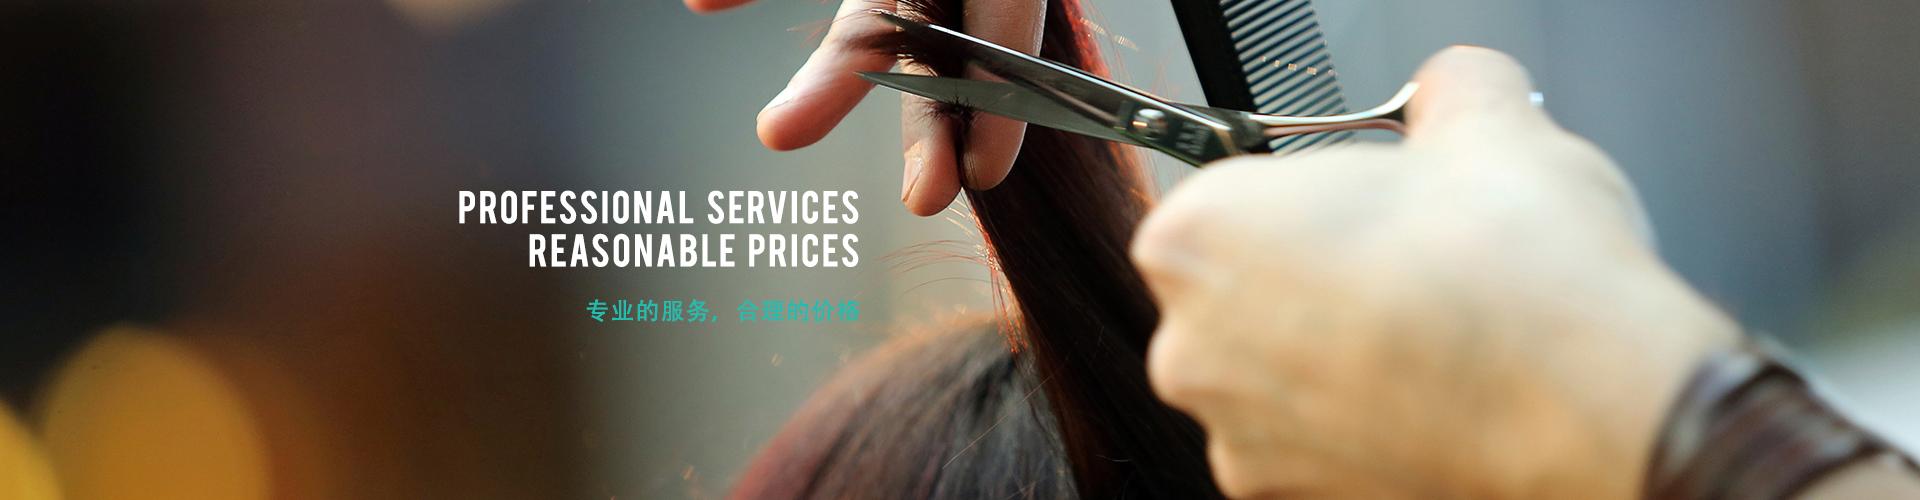 We-hair-salon-slider-main-02